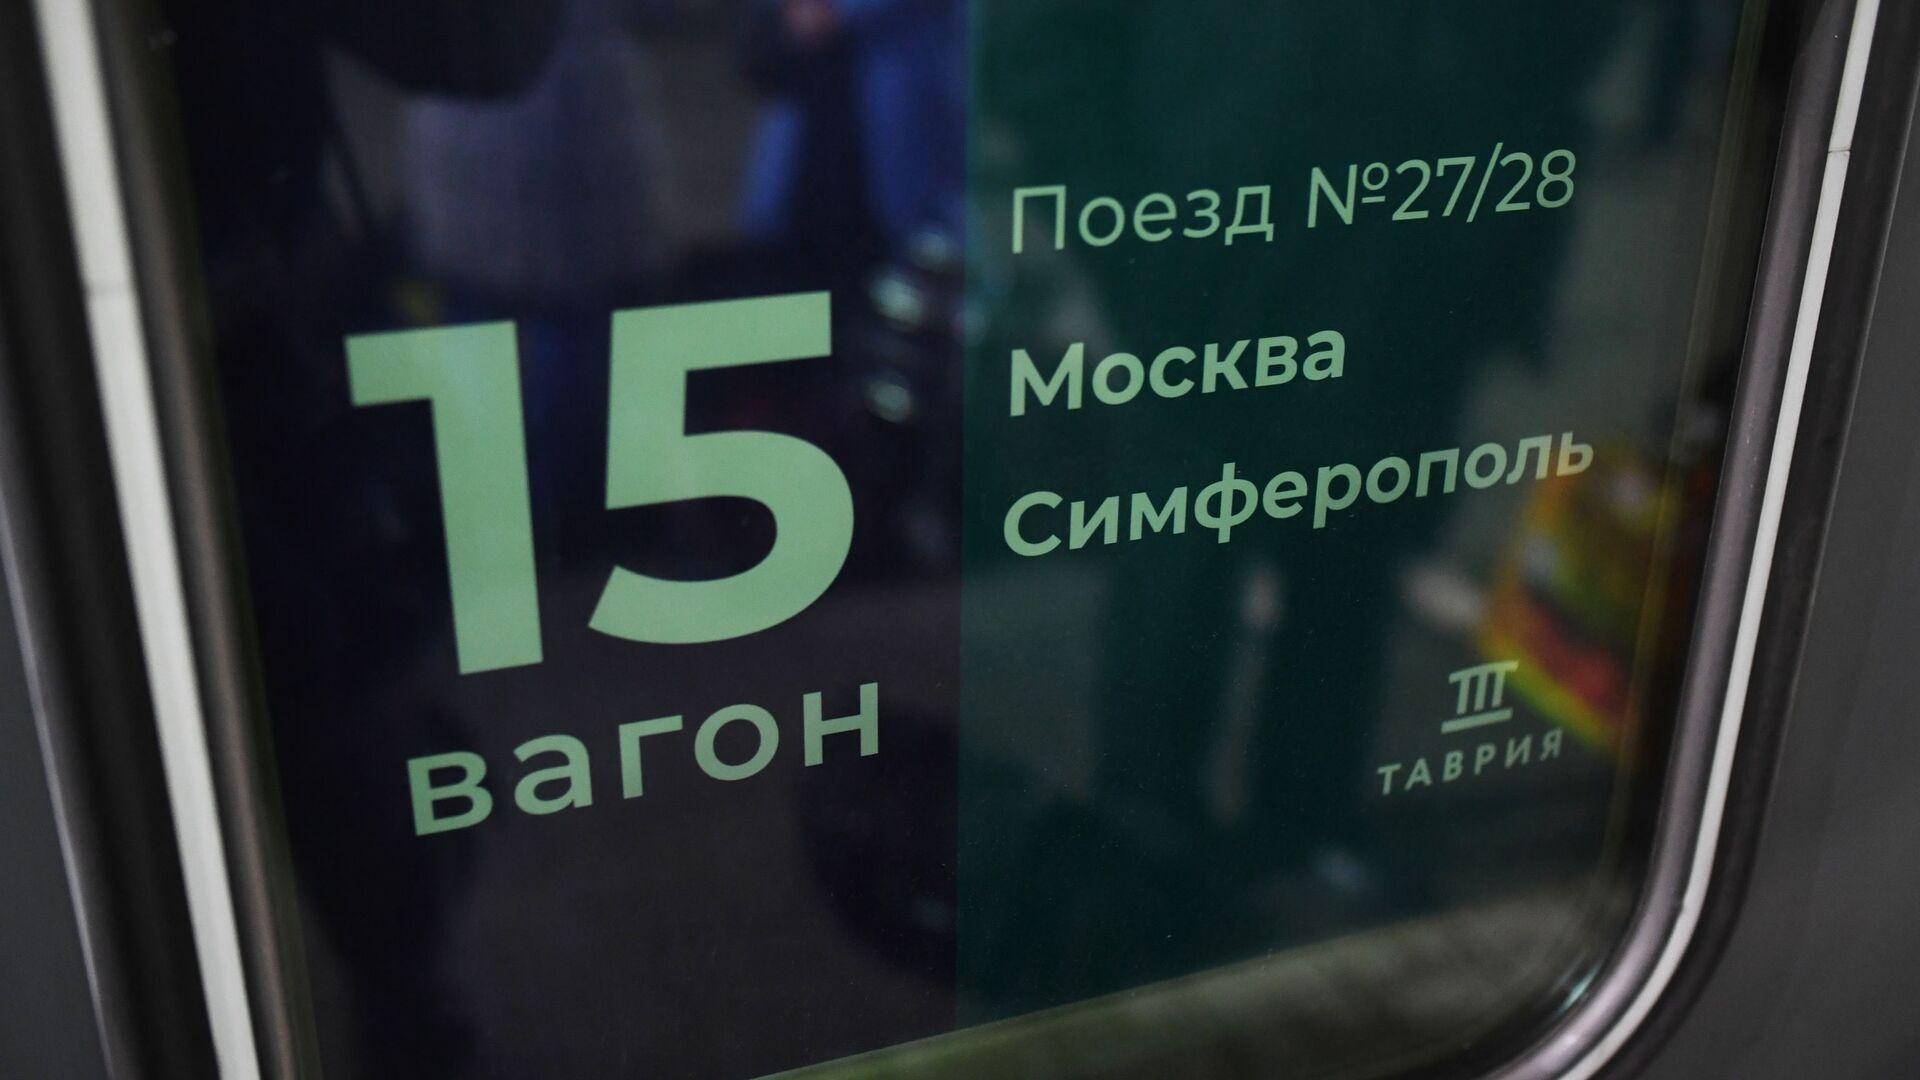 Отправление поезда Таврия из Москвы в Крым - РИА Новости, 1920, 04.08.2021